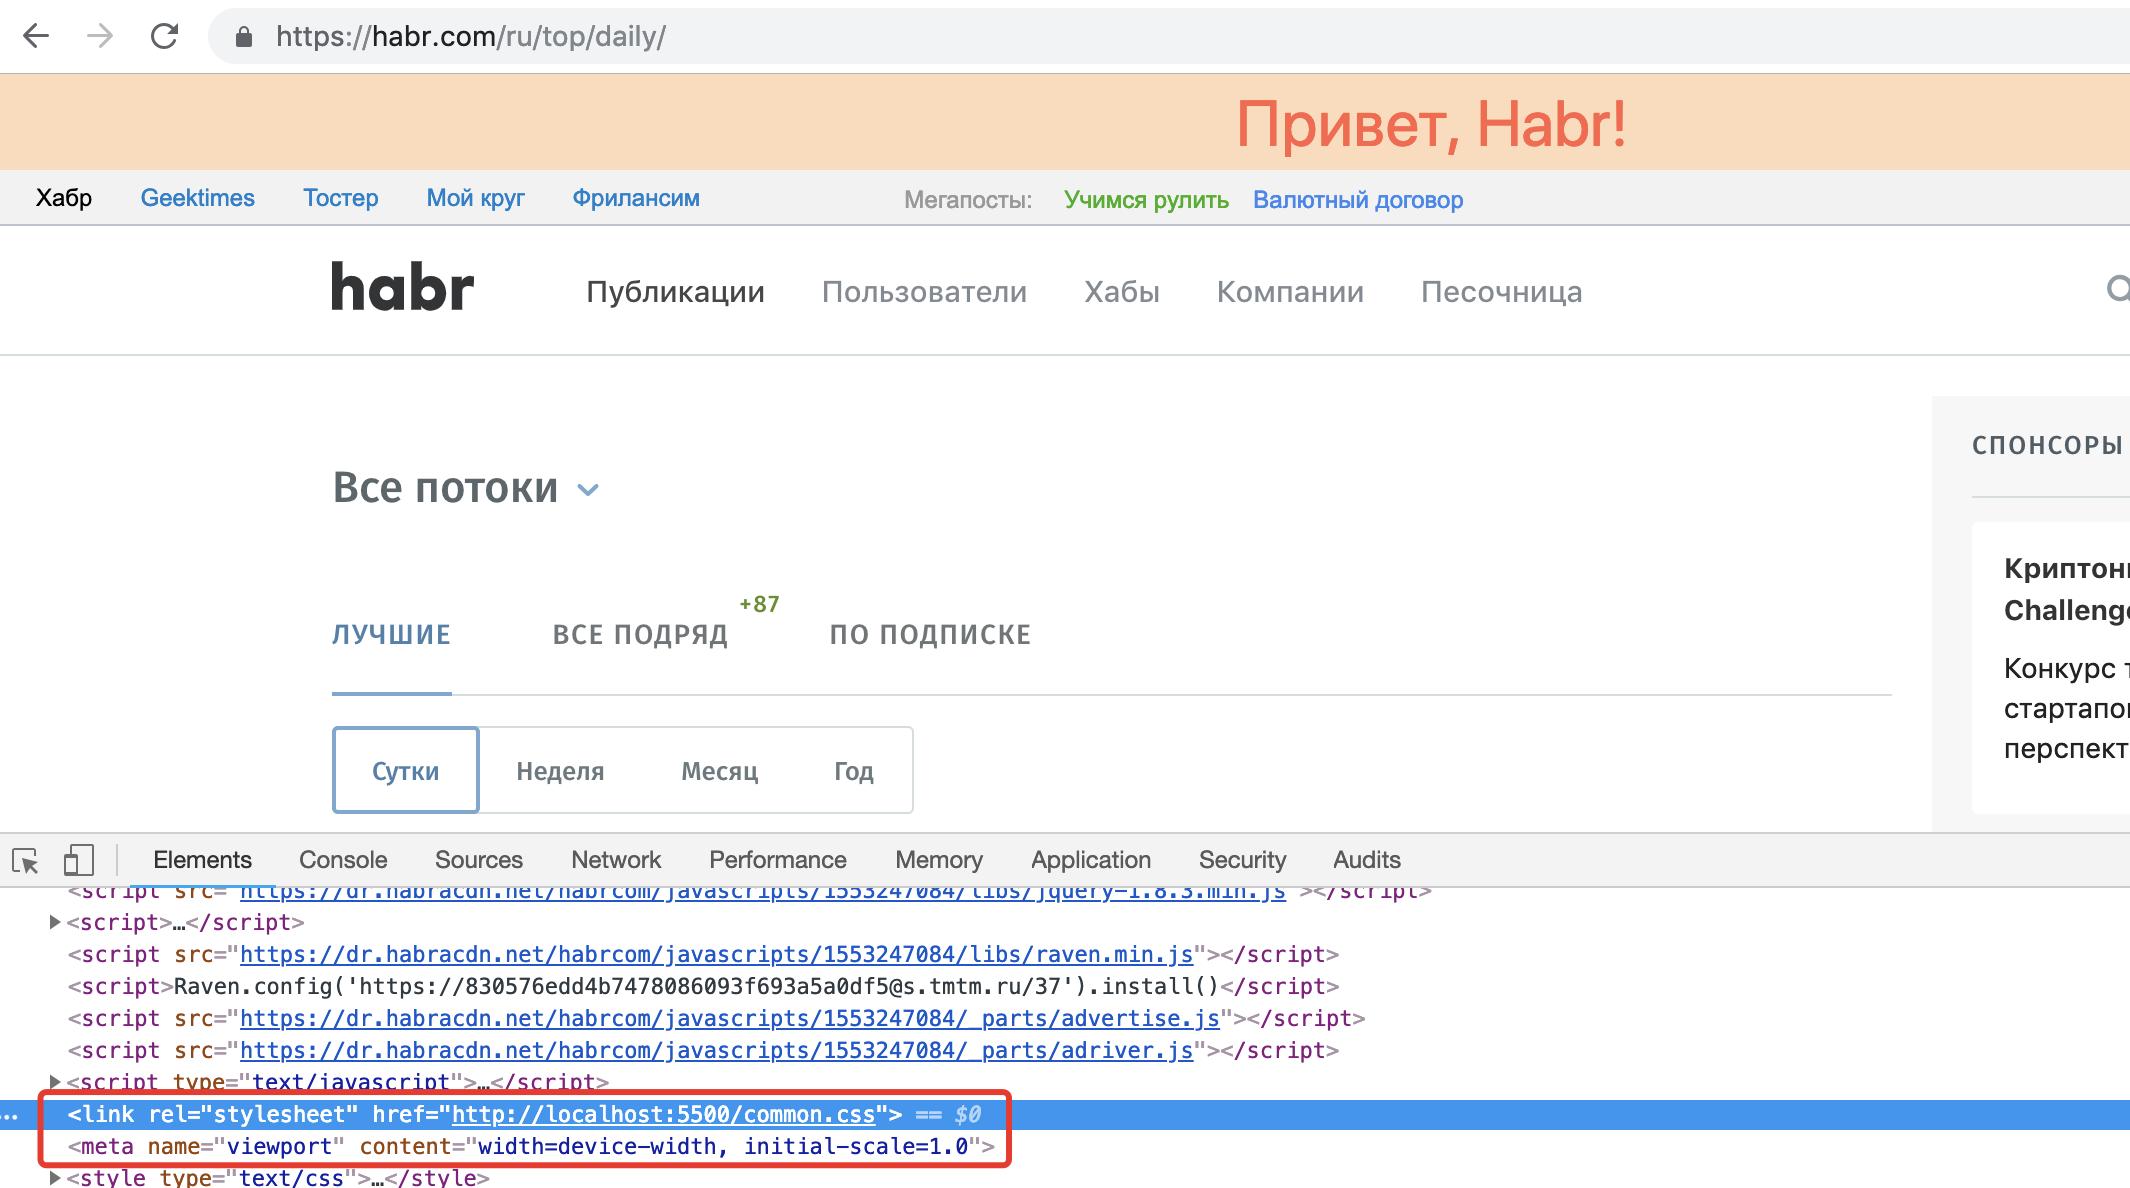 Инструменты для создания адаптивного сайта без доступа к сайту - 4